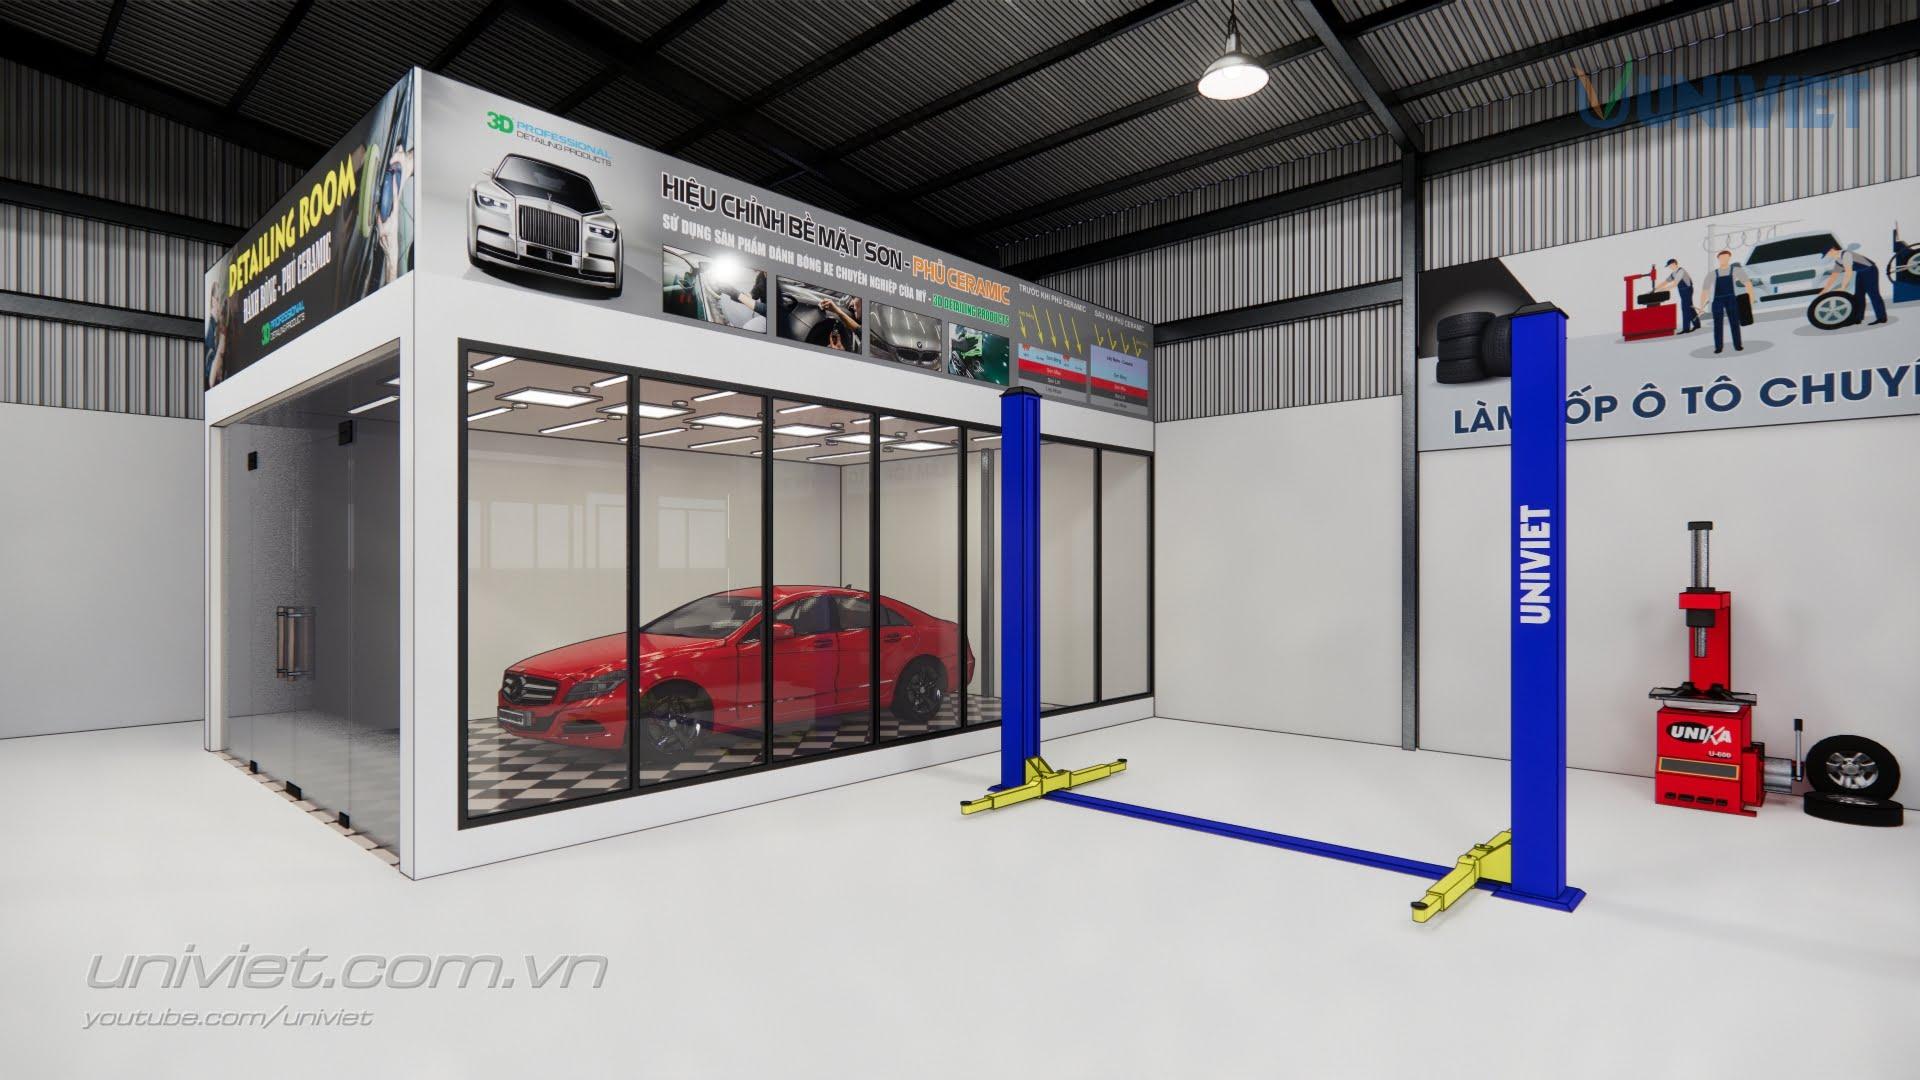 Mô hình 3D Trung tâm chăm sóc xe chuyên nghiệp tại Bình Dương